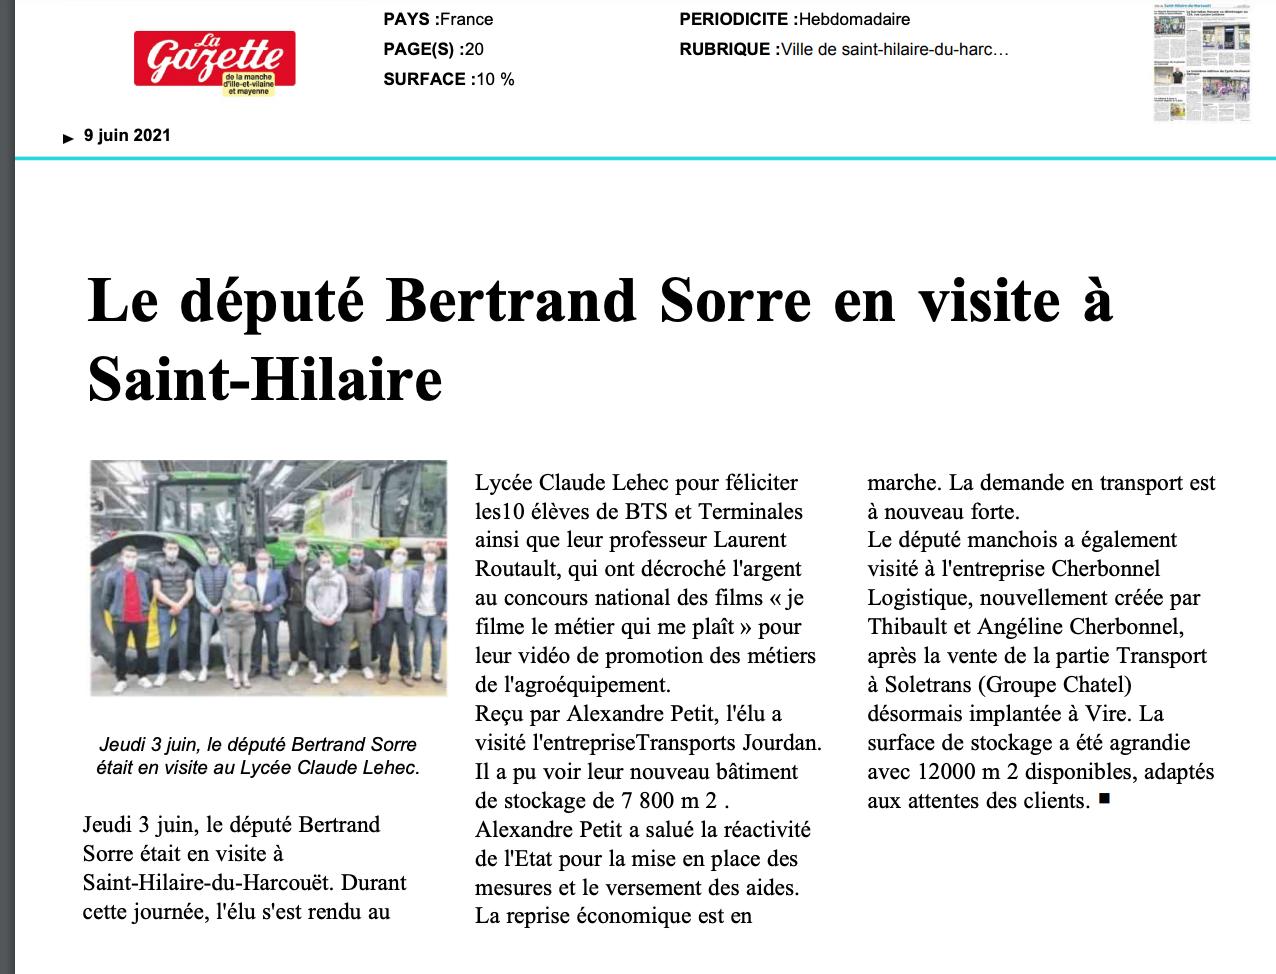 La Gazette de la Manche - 09/06/2021